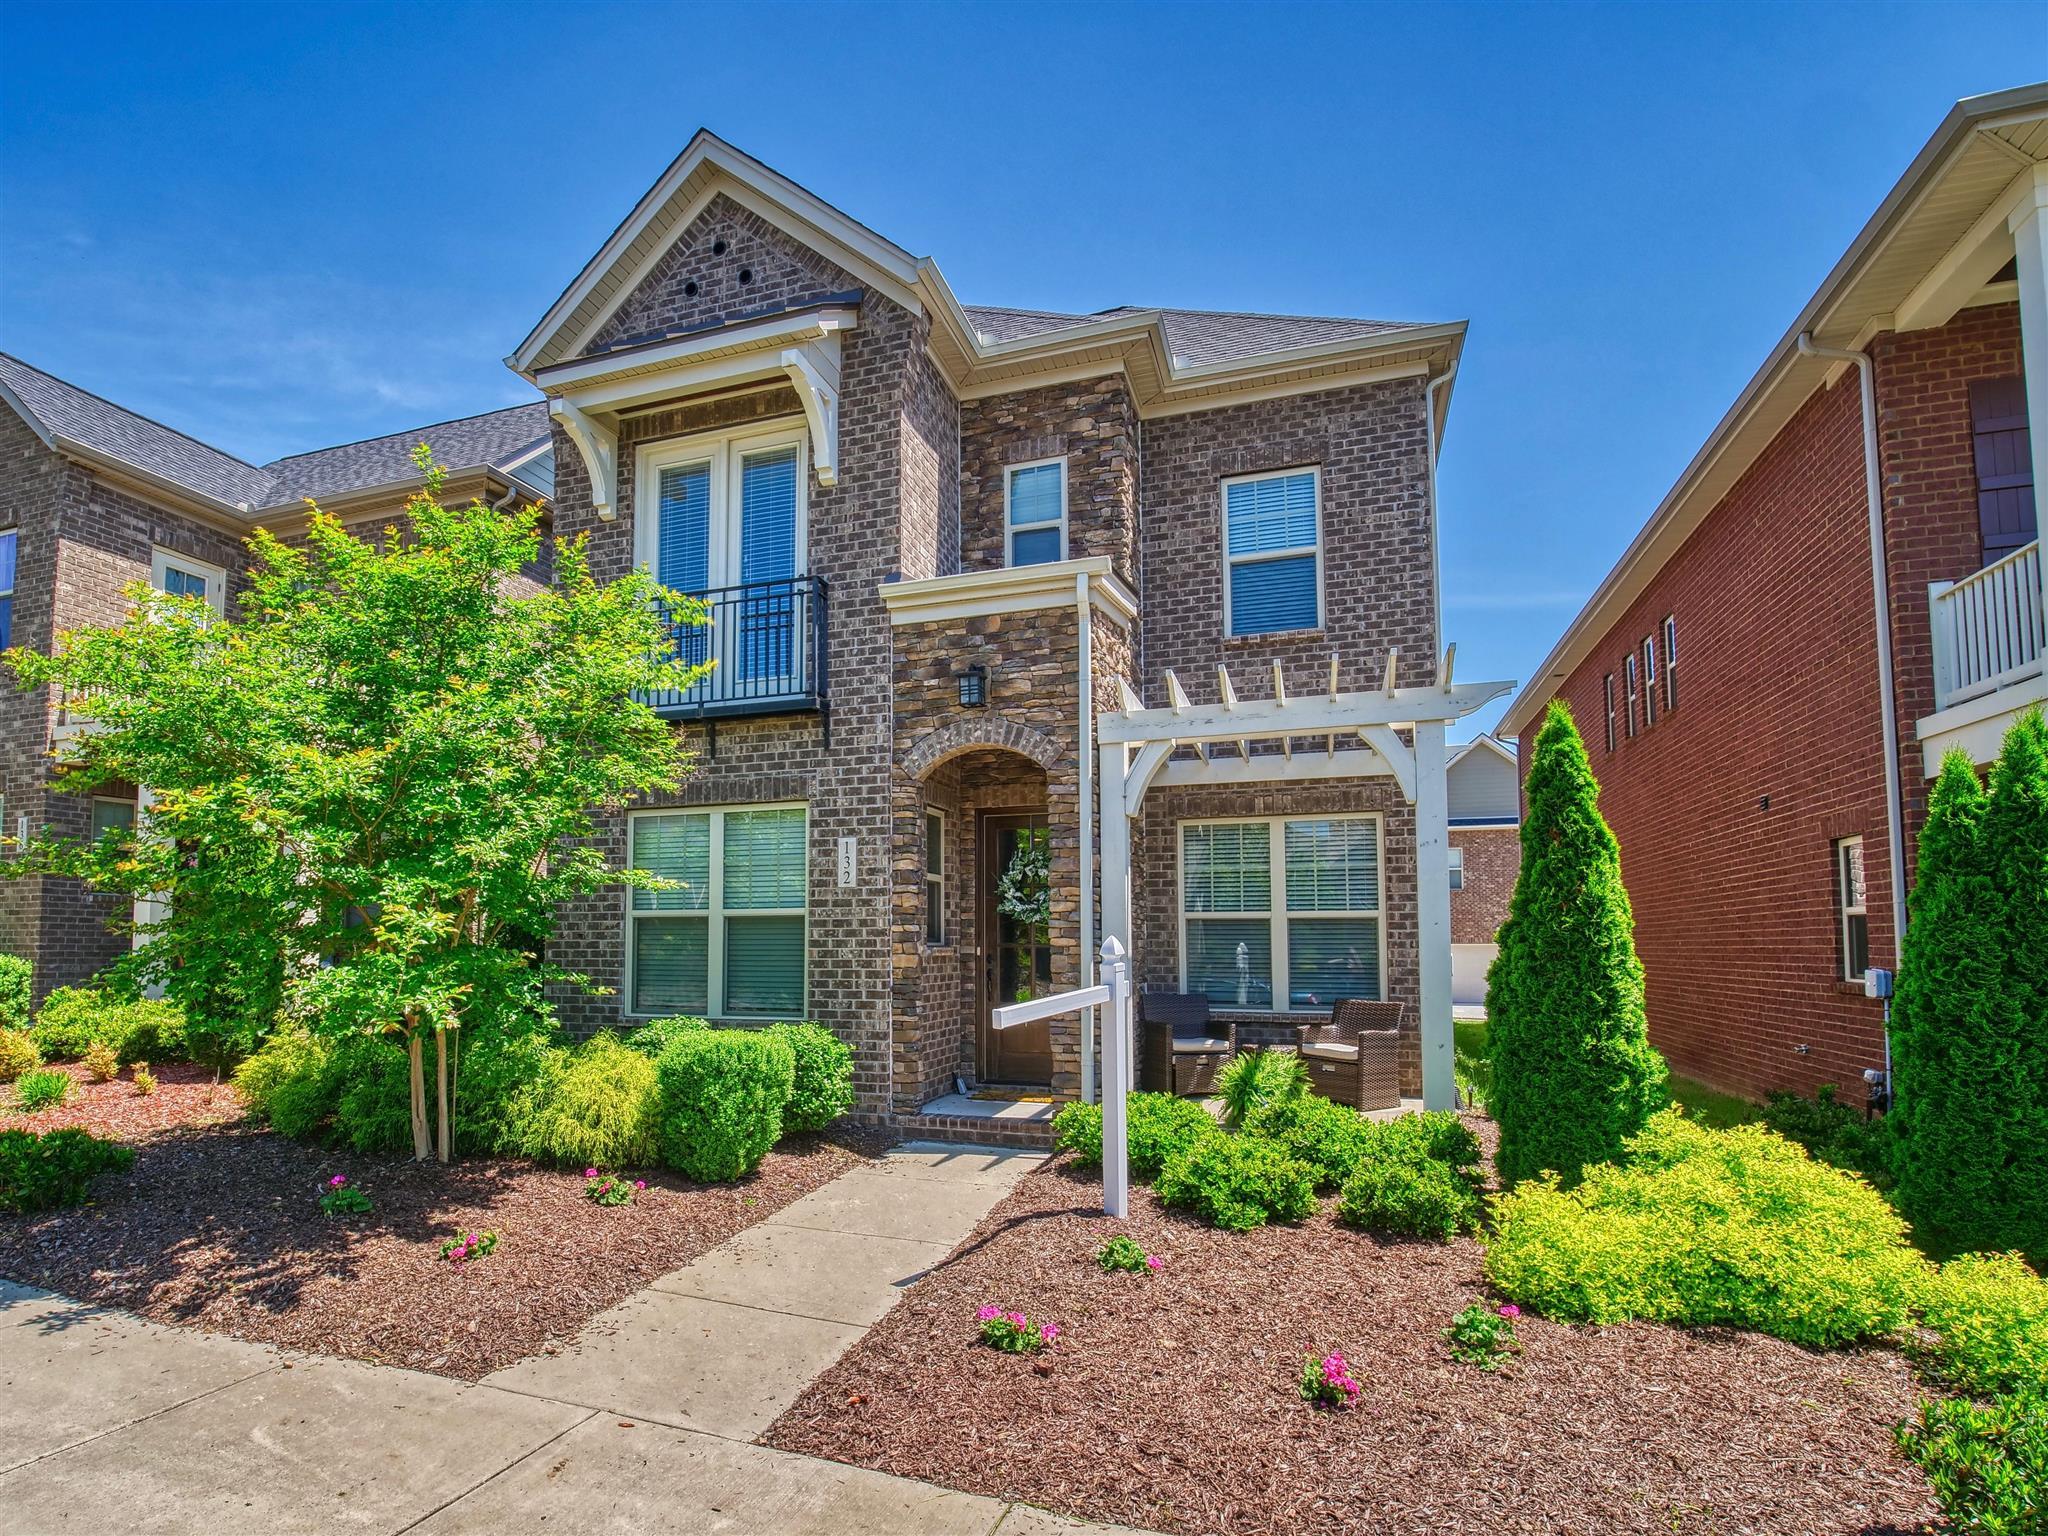 132 Ashcrest Pt, Hendersonville, TN 37075 - Hendersonville, TN real estate listing